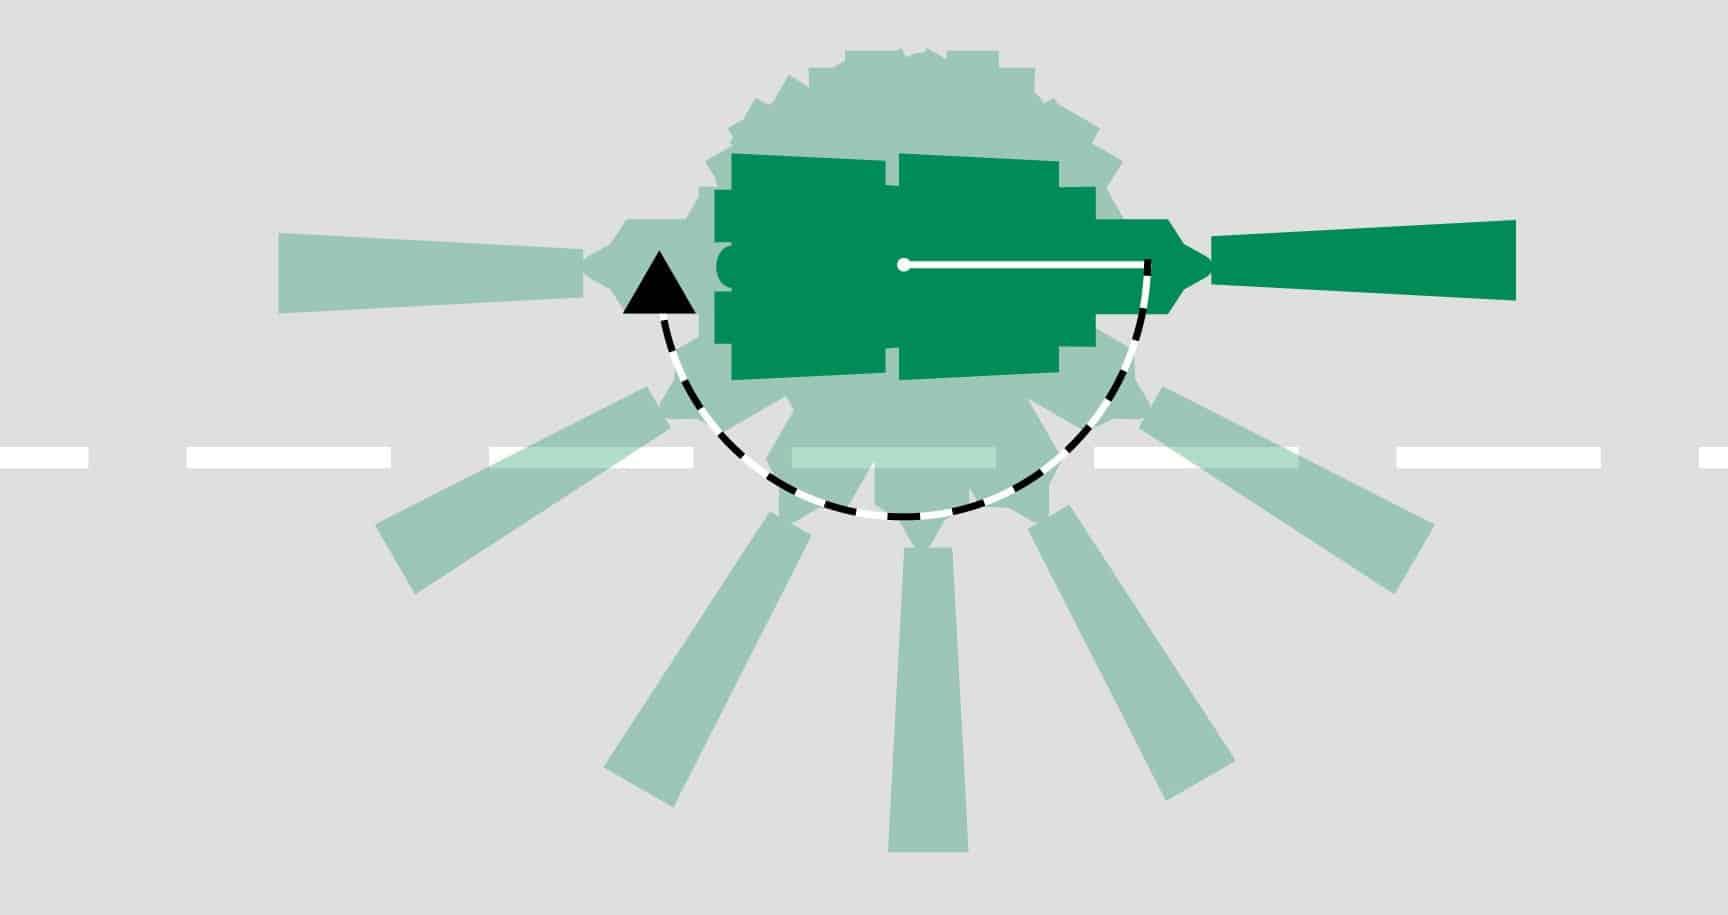 Essendo cingolati, i Power Feeder richiedono un'area di volta molto piccola poiché in grado di invertire il senso di marcia praticamente sul posto